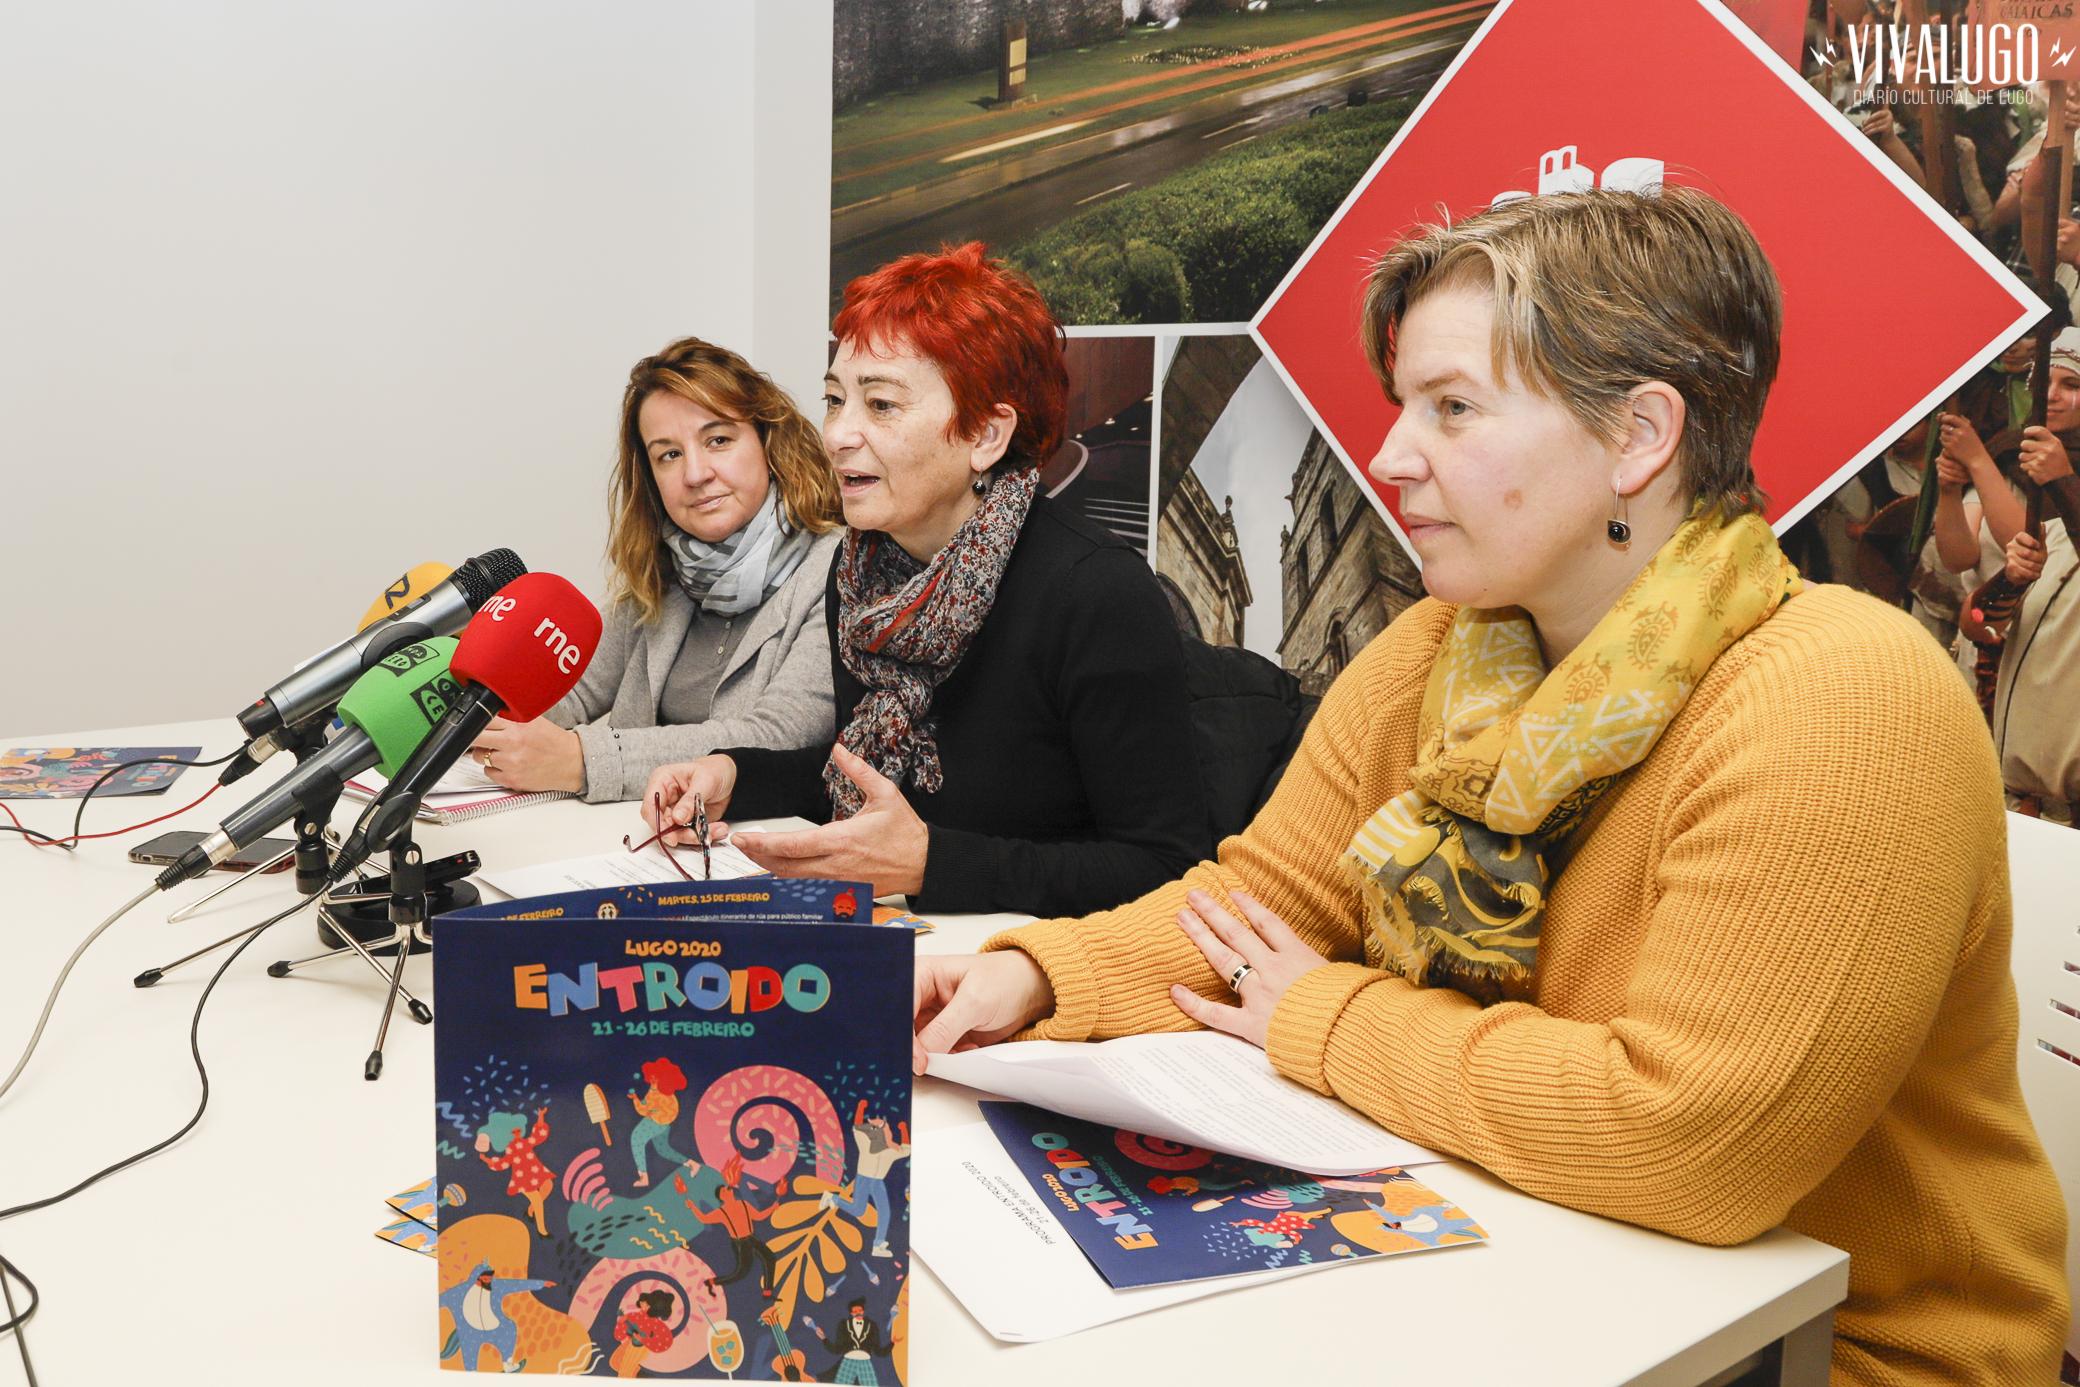 Rolda de prensa presentación do entroido 2020 en Lugo